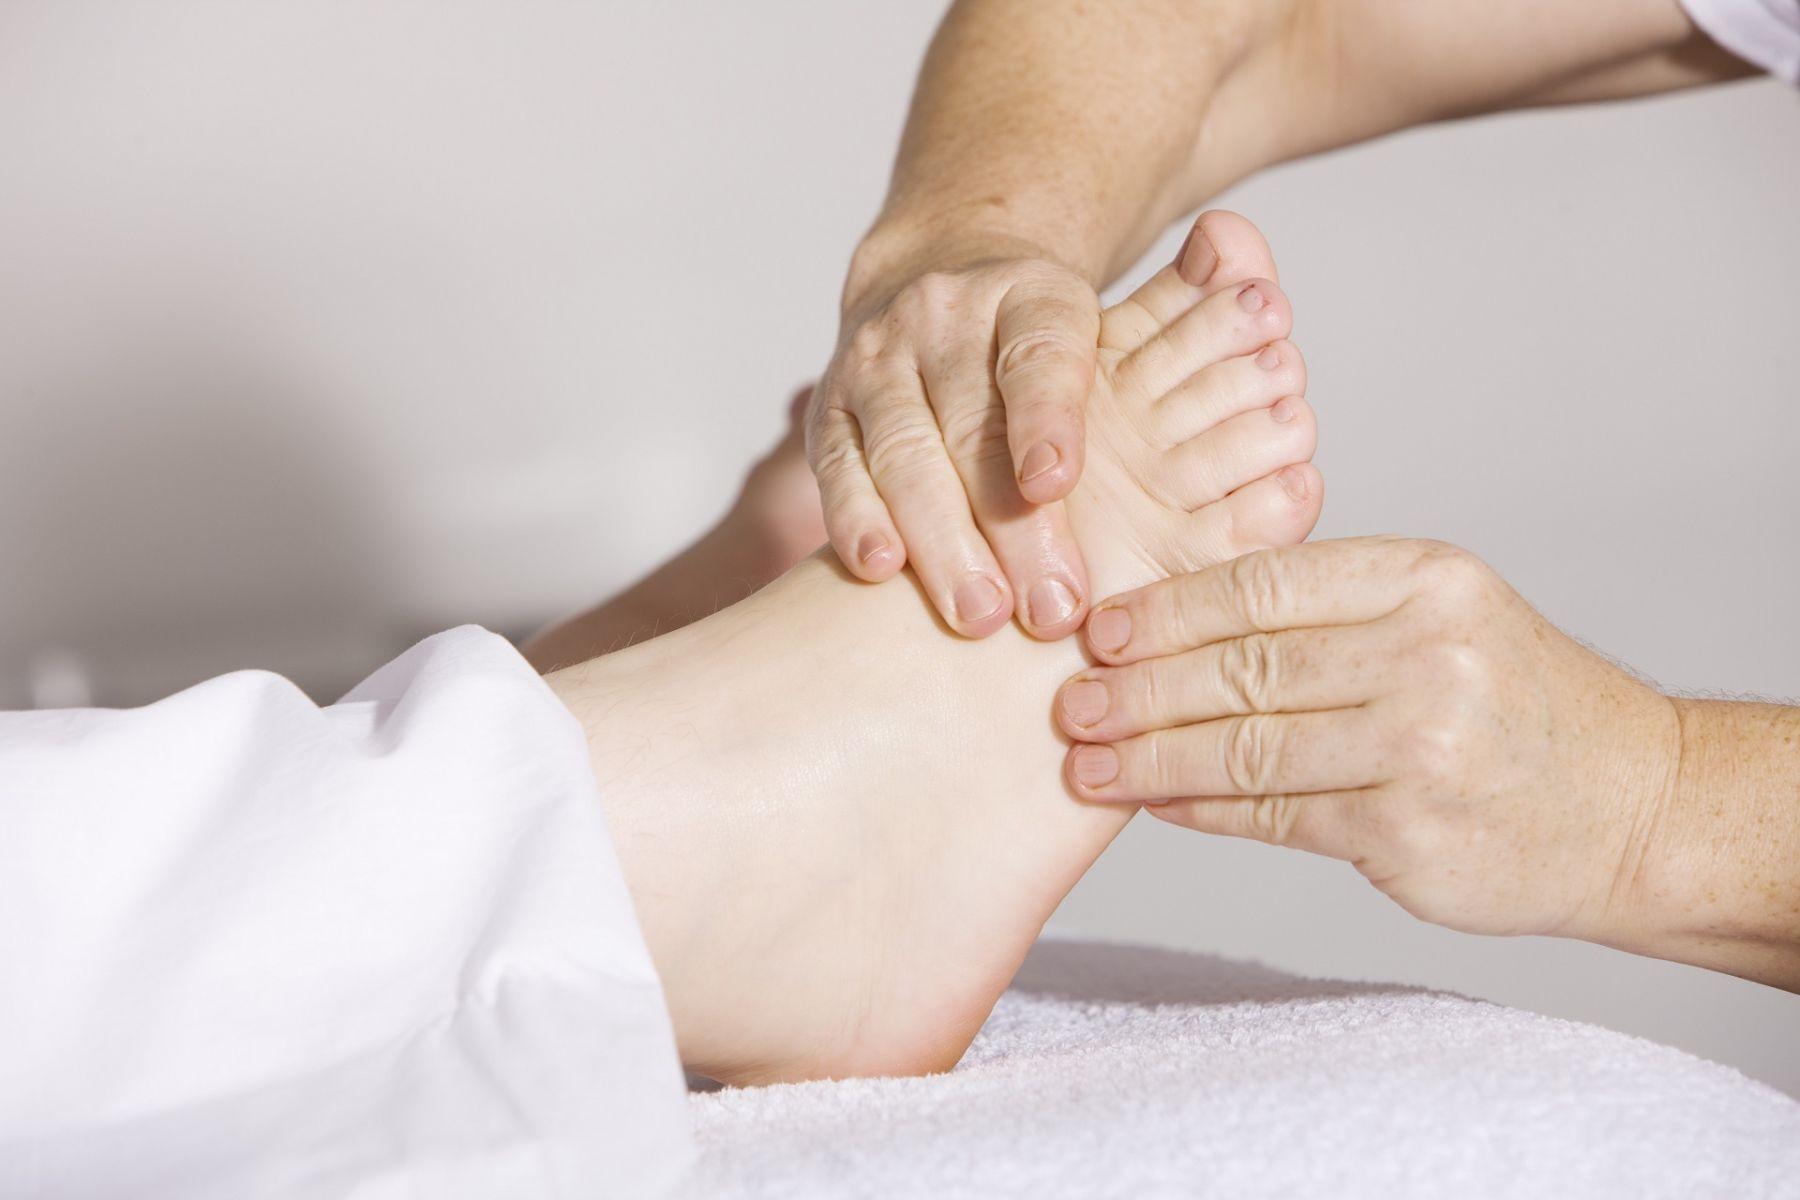 足底按摩改善血液循環!每天3分鐘這樣做,提升免疫力、延緩衰老